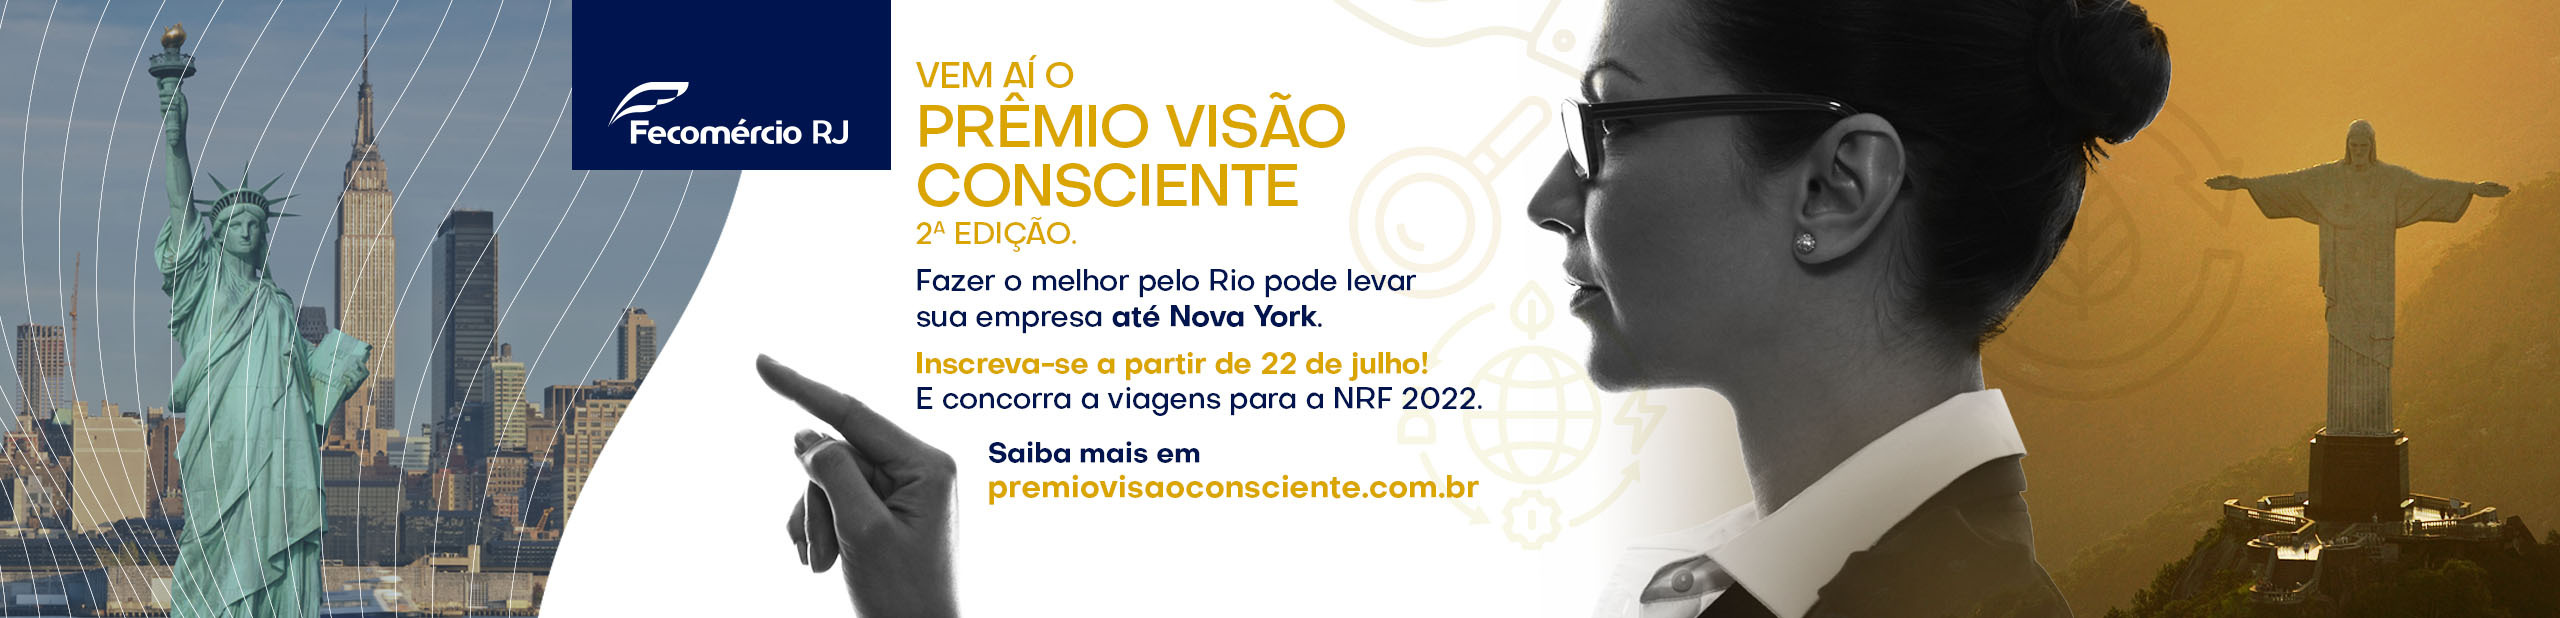 Prêmio Visão Consciente - edição 2021